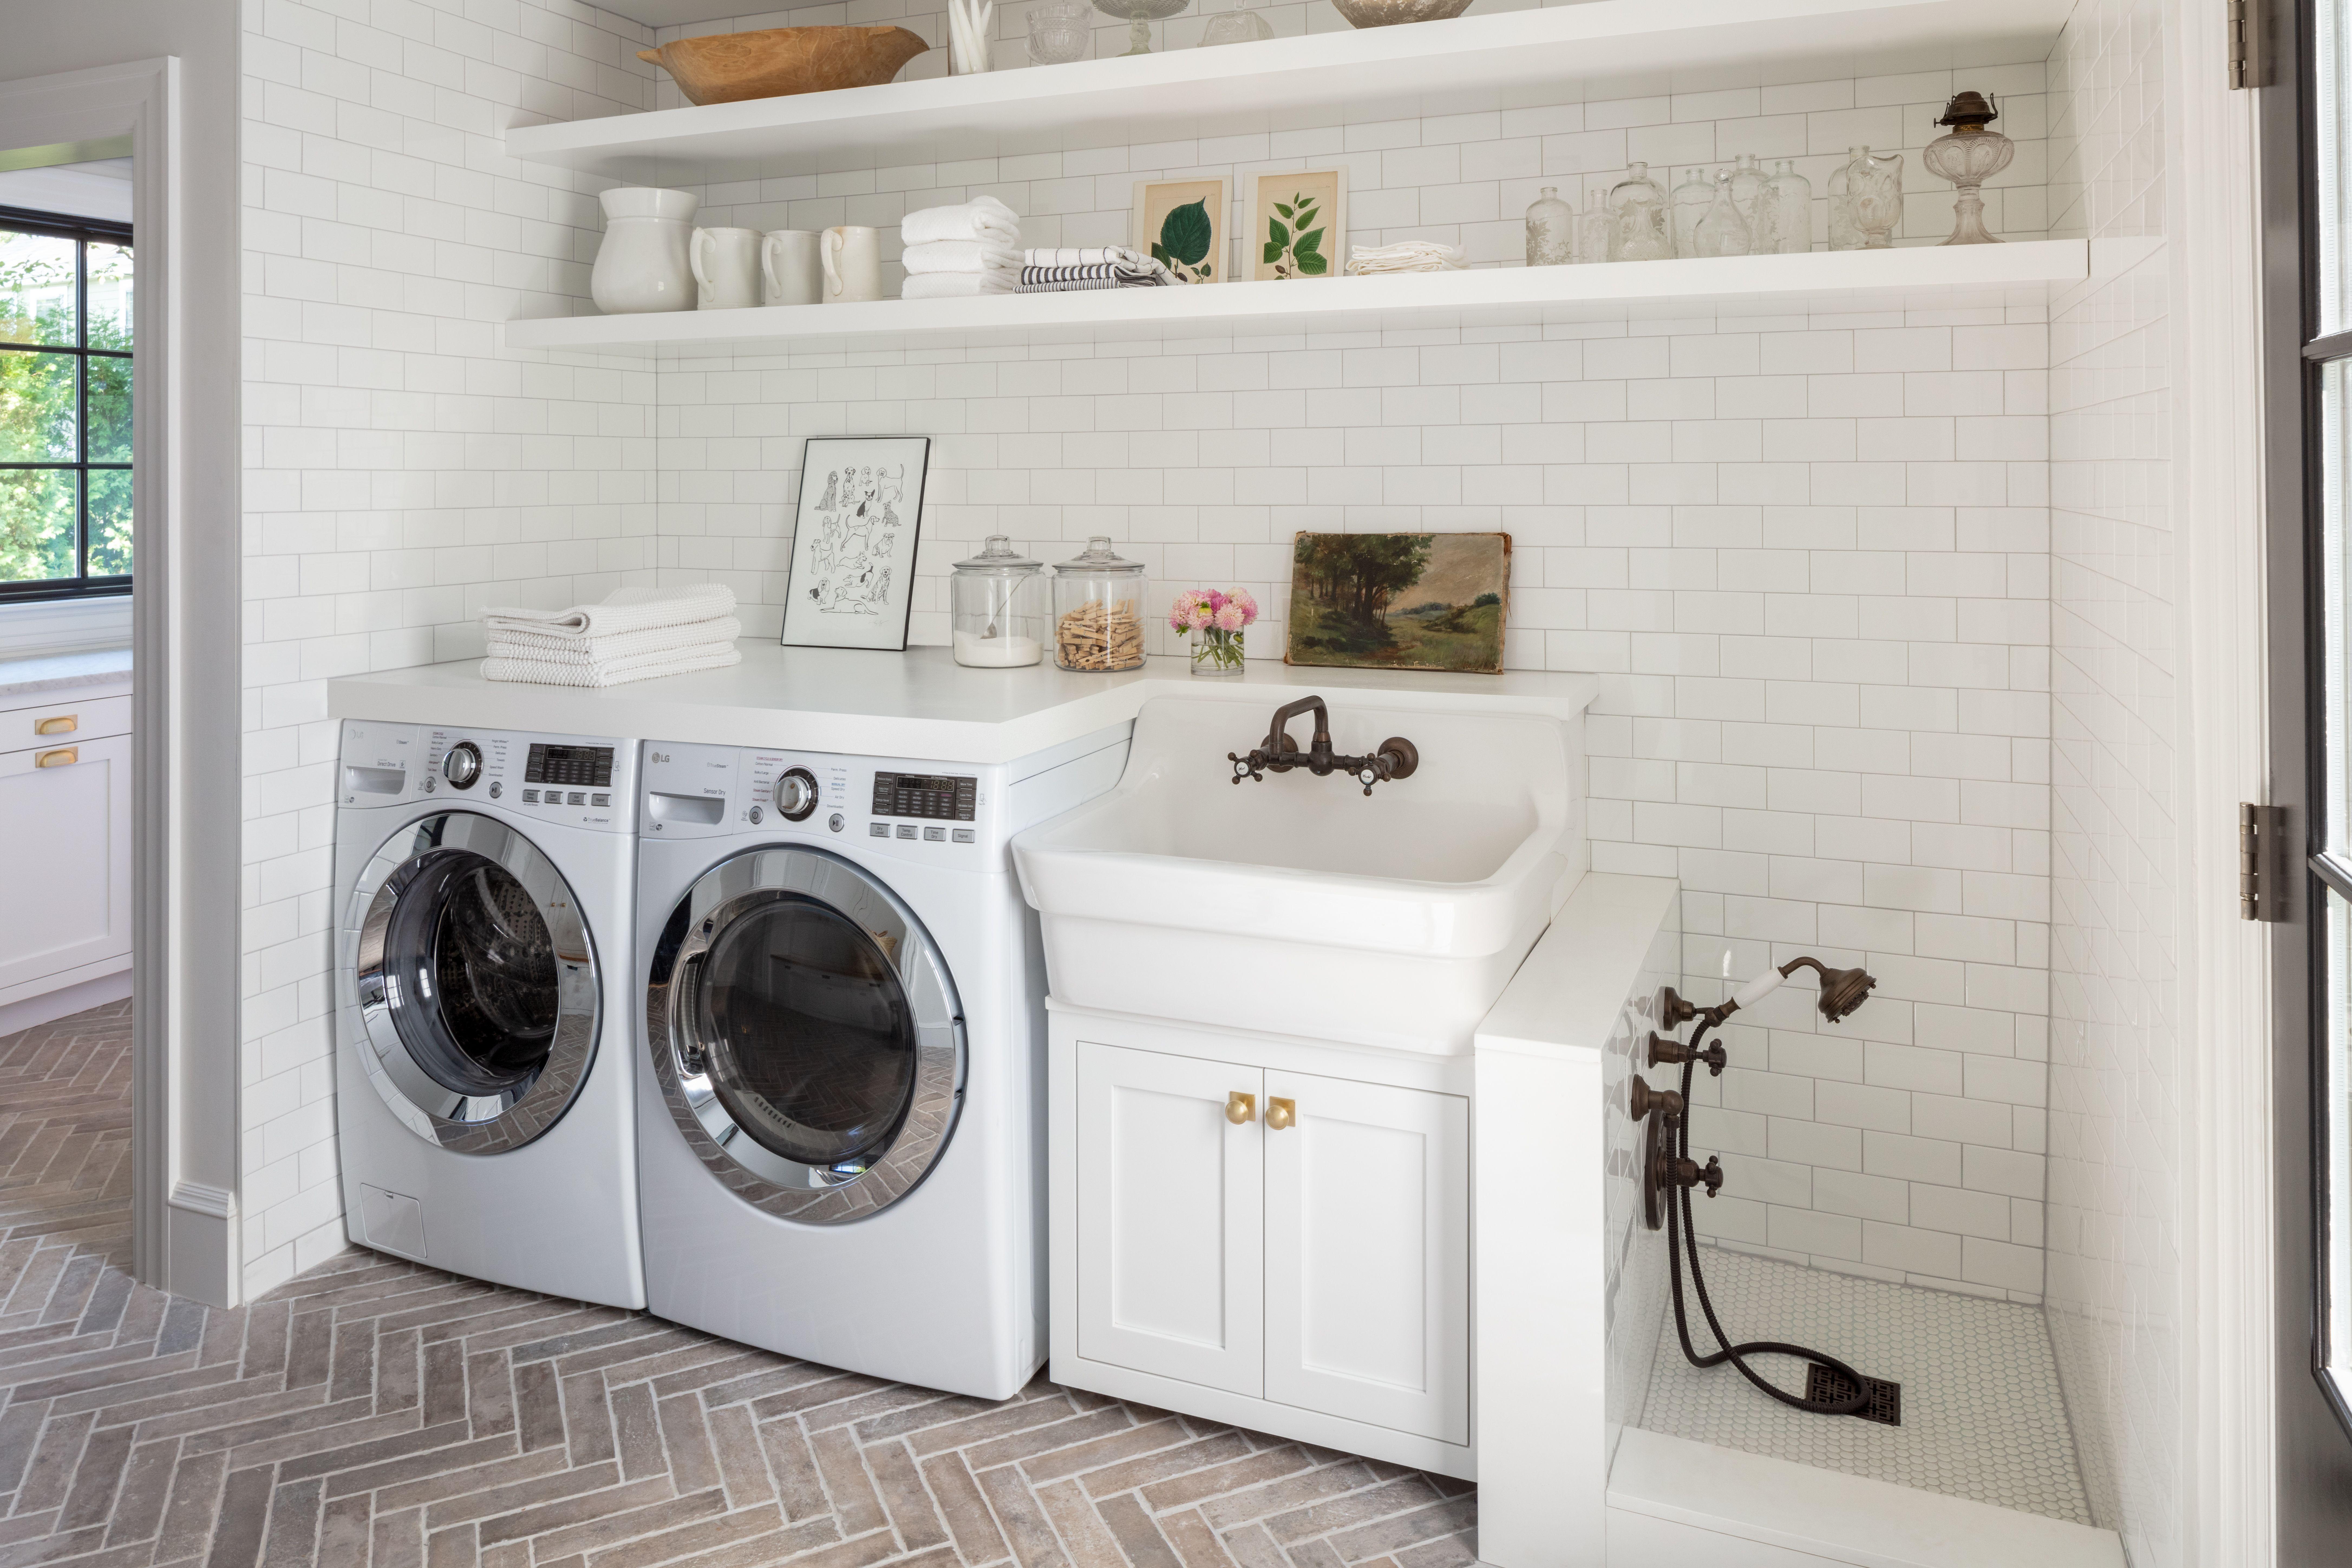 Laundry Room Dog Shower Stylish Laundry Room Laundry Room